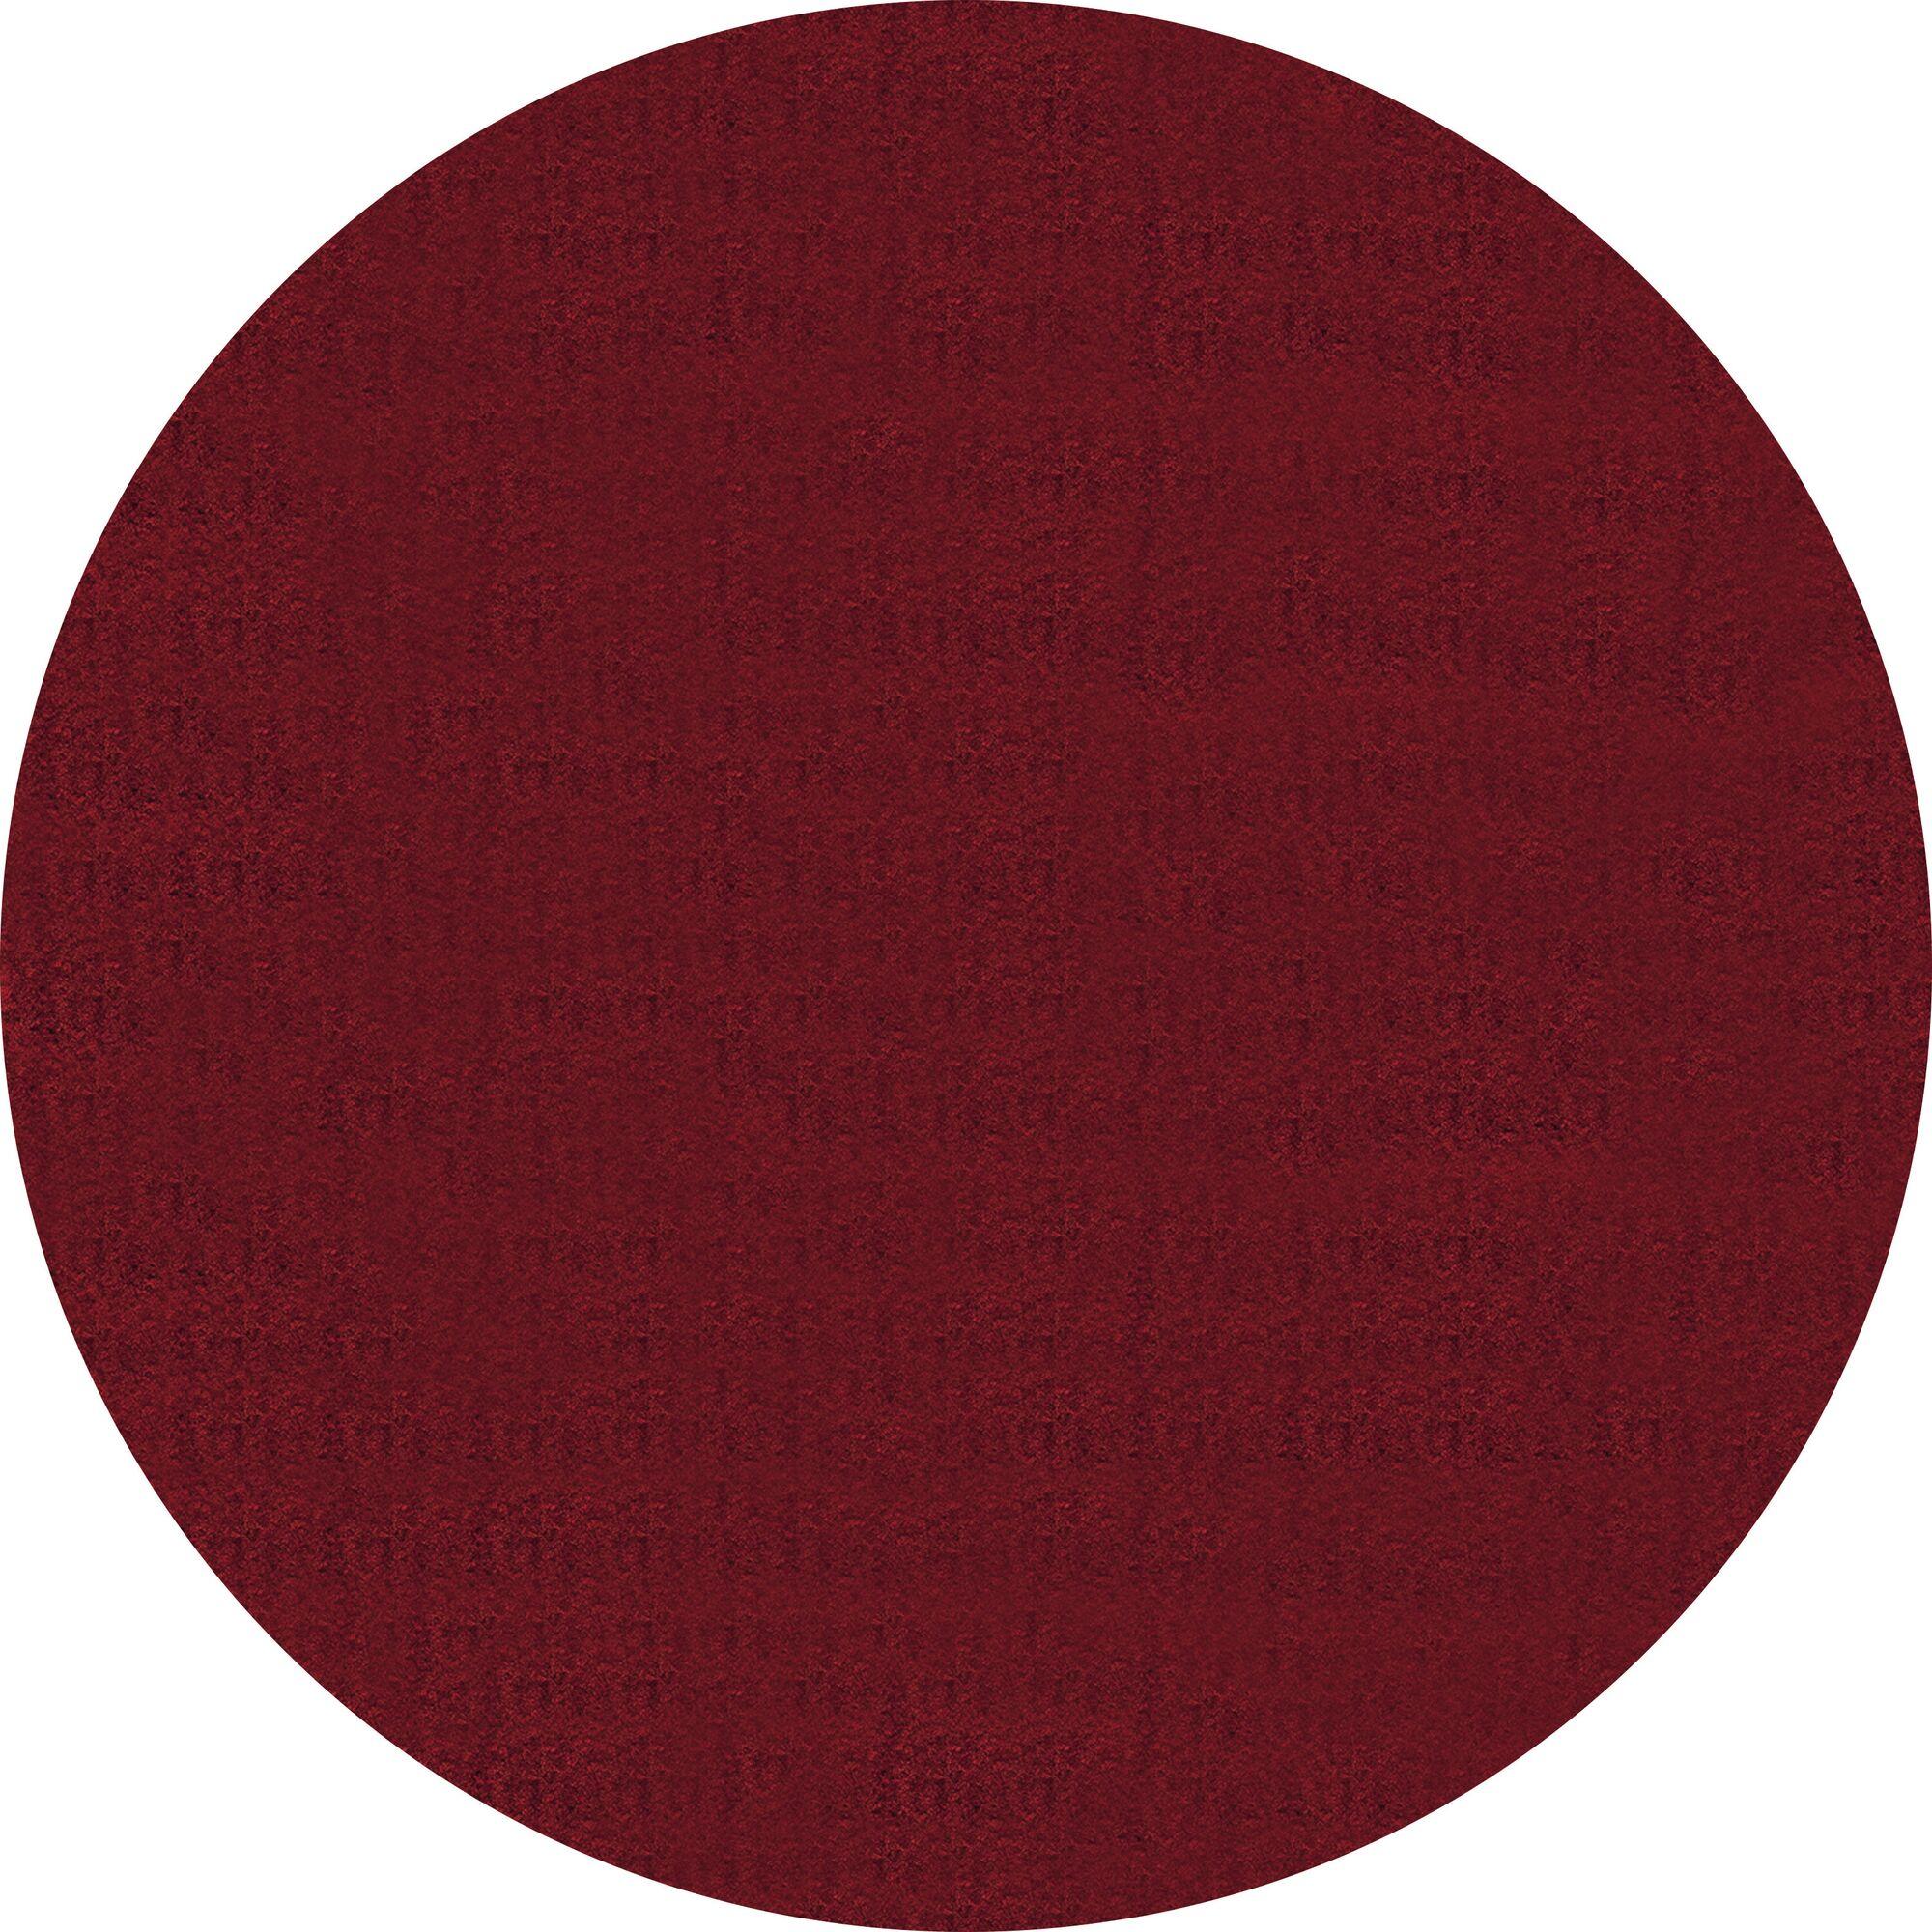 Rangel Red Area Rug Rug Size: Round 7' 10